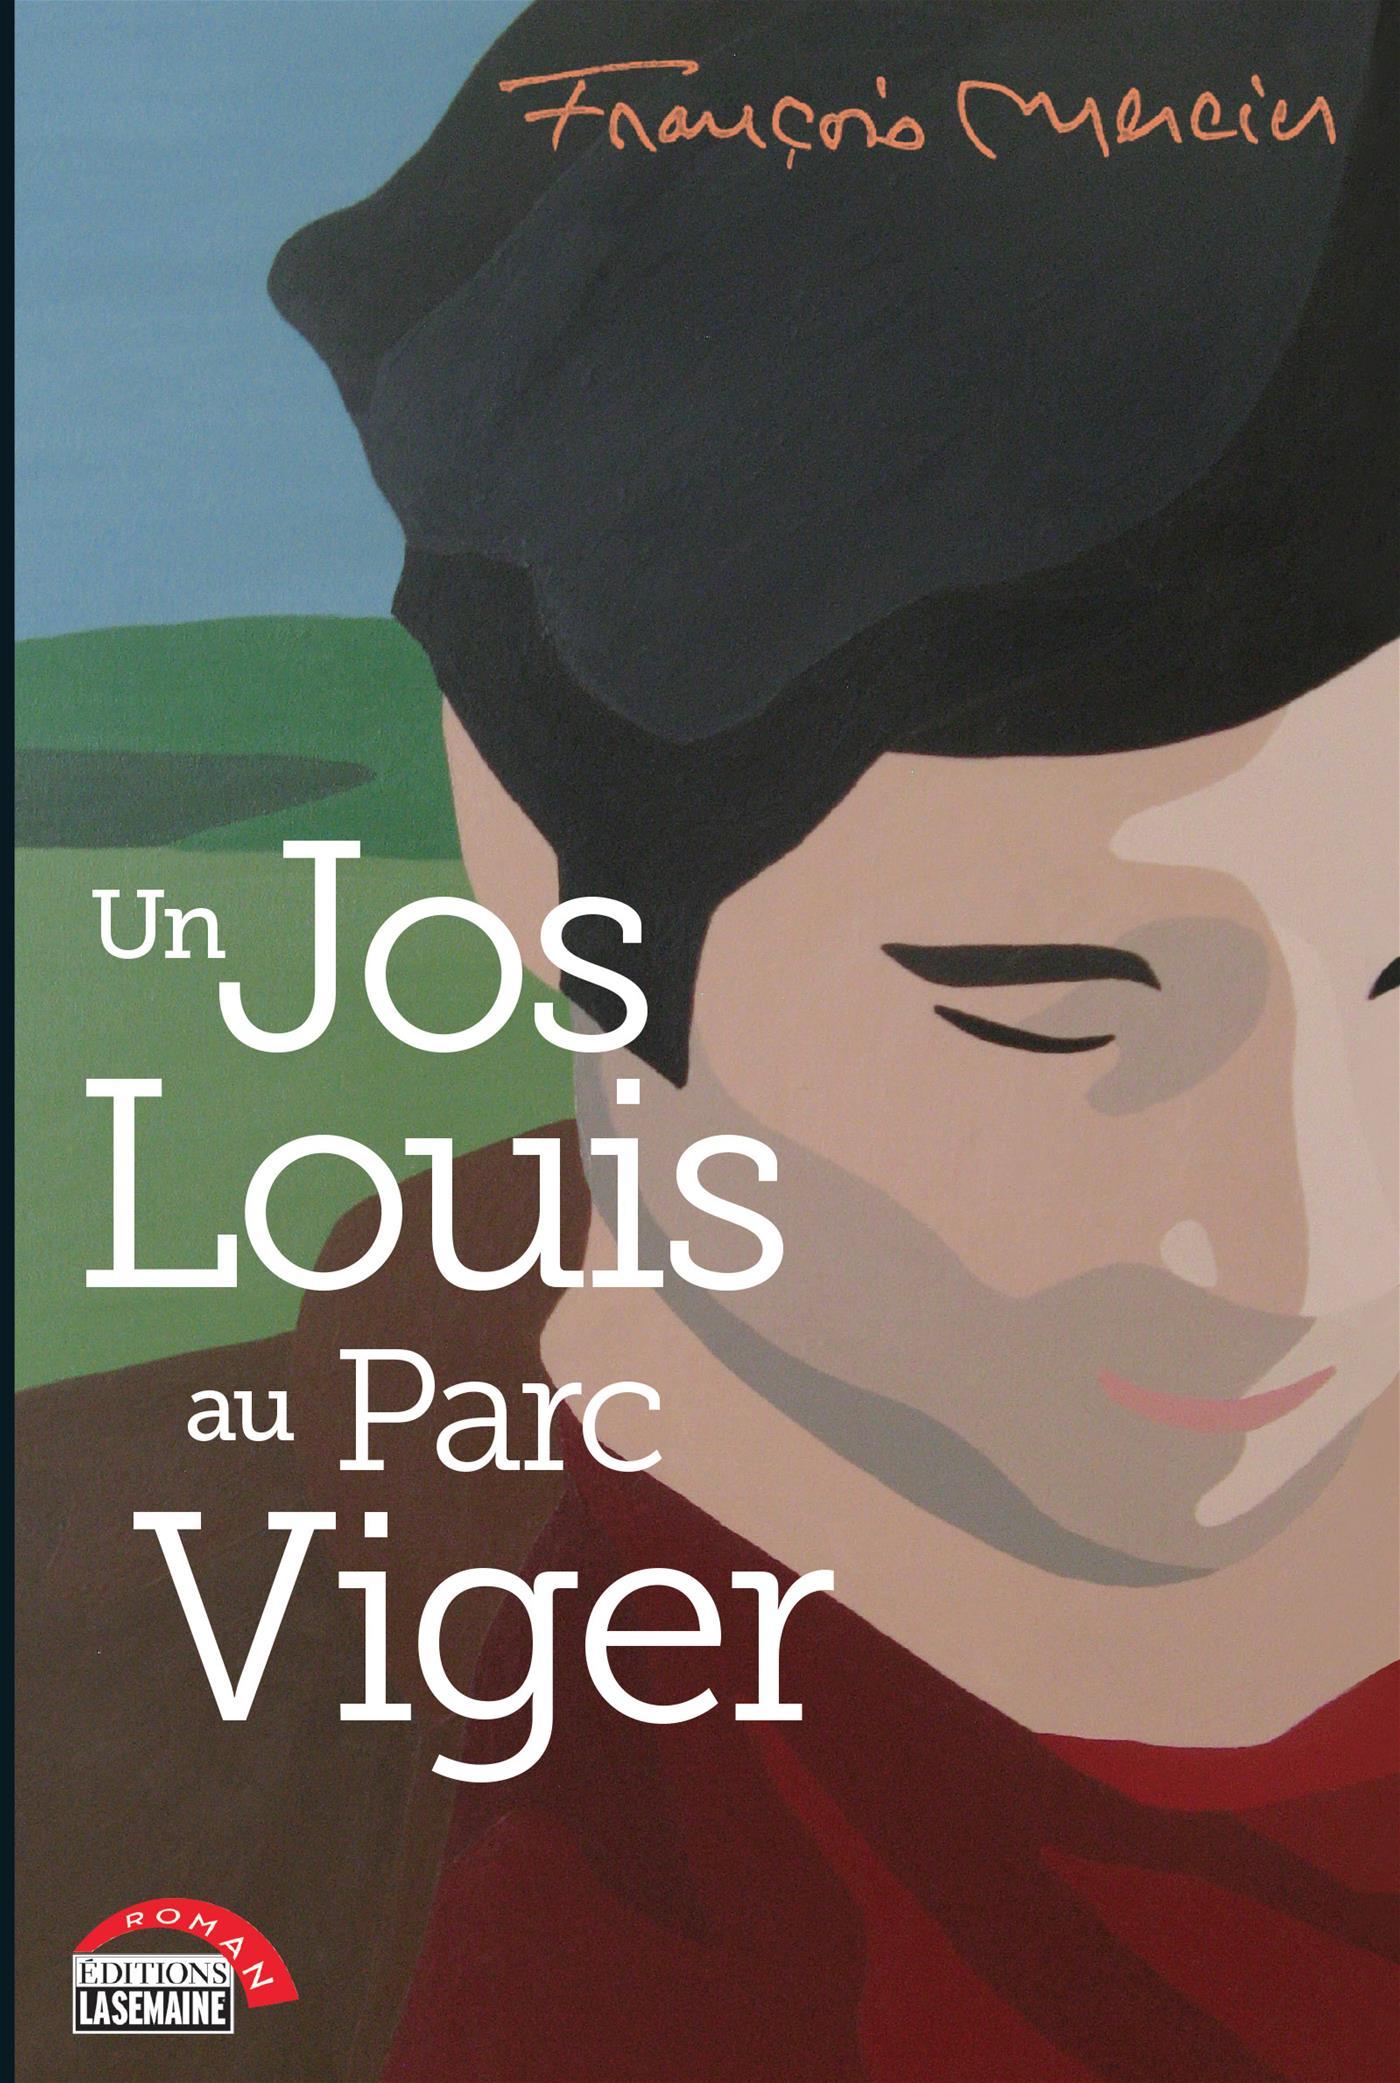 Un Jos Louis au parc Viger